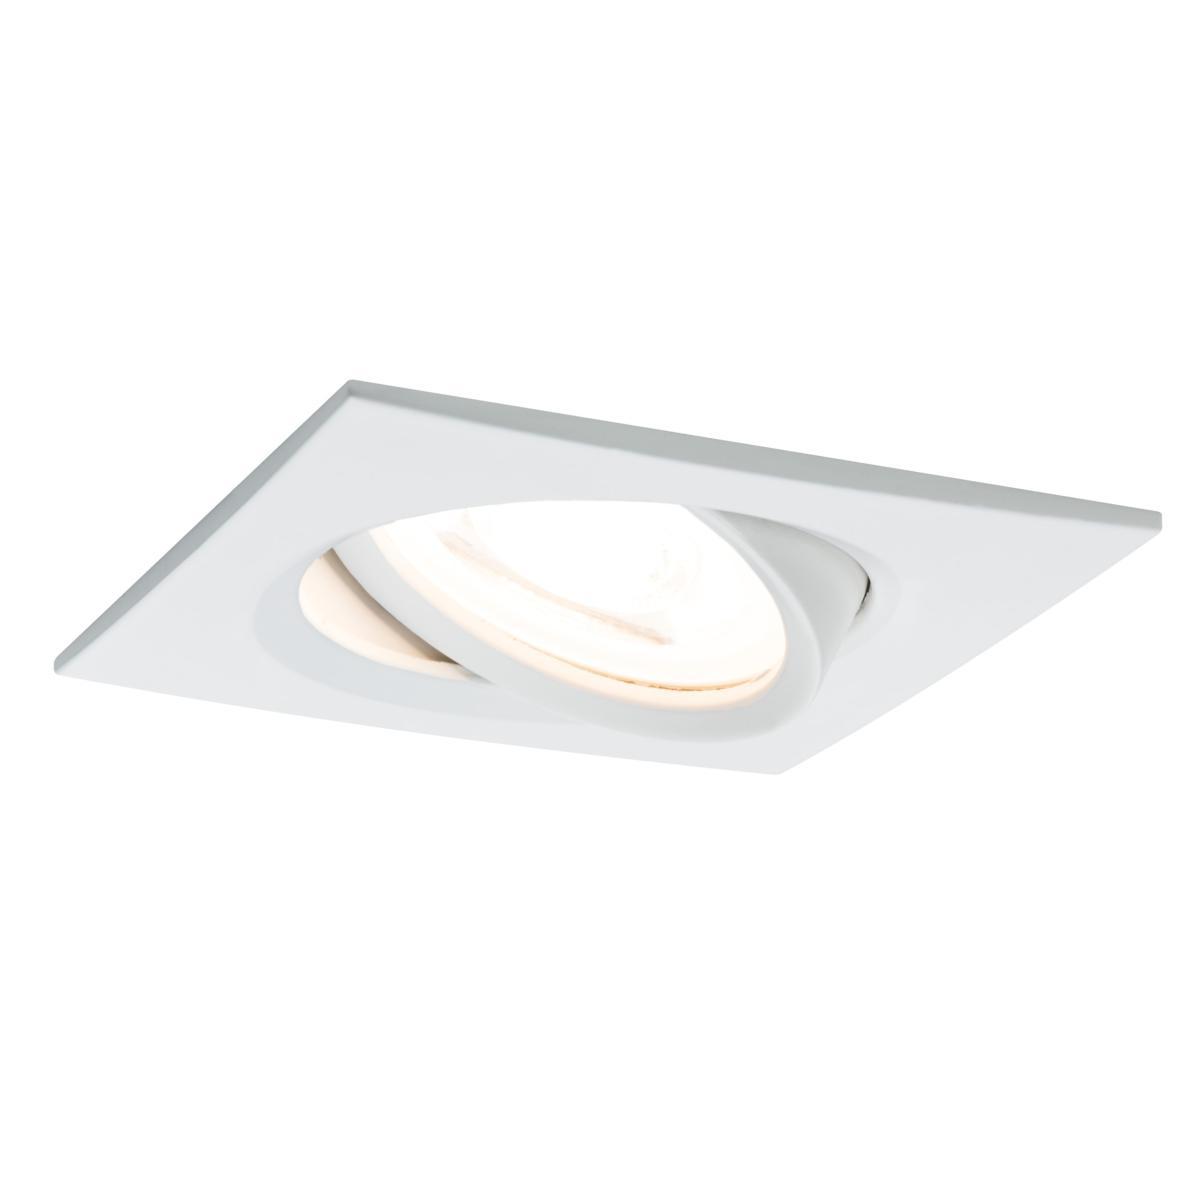 Croissant Spot LED encastrable carré orientable dimmable 220V Blanc 7W GU10 DE-61